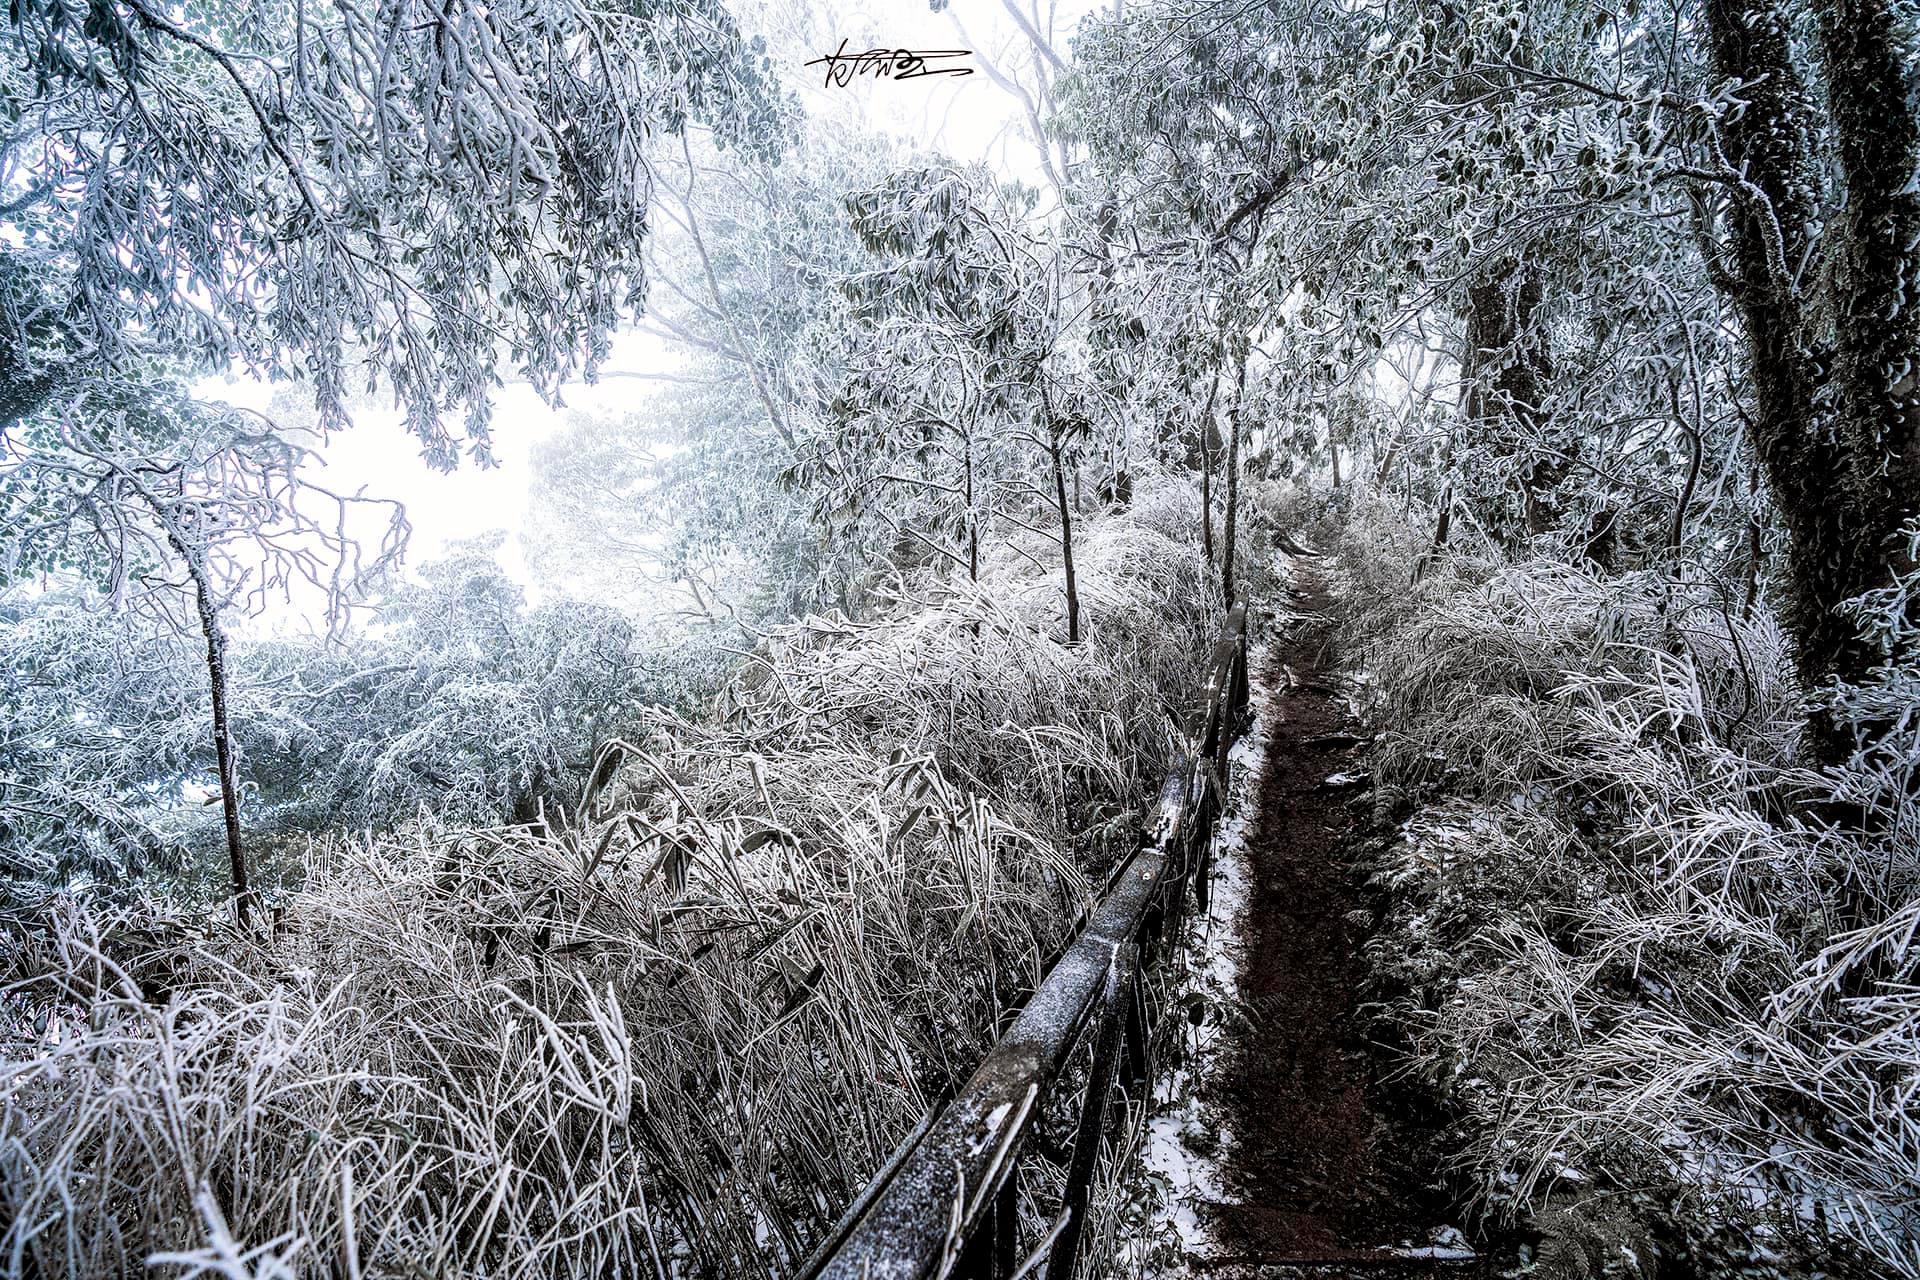 新竹尖石魯壁步道雪景好美!目前雪已融化,沒有下雪了!綠意盎然的山頭依舊